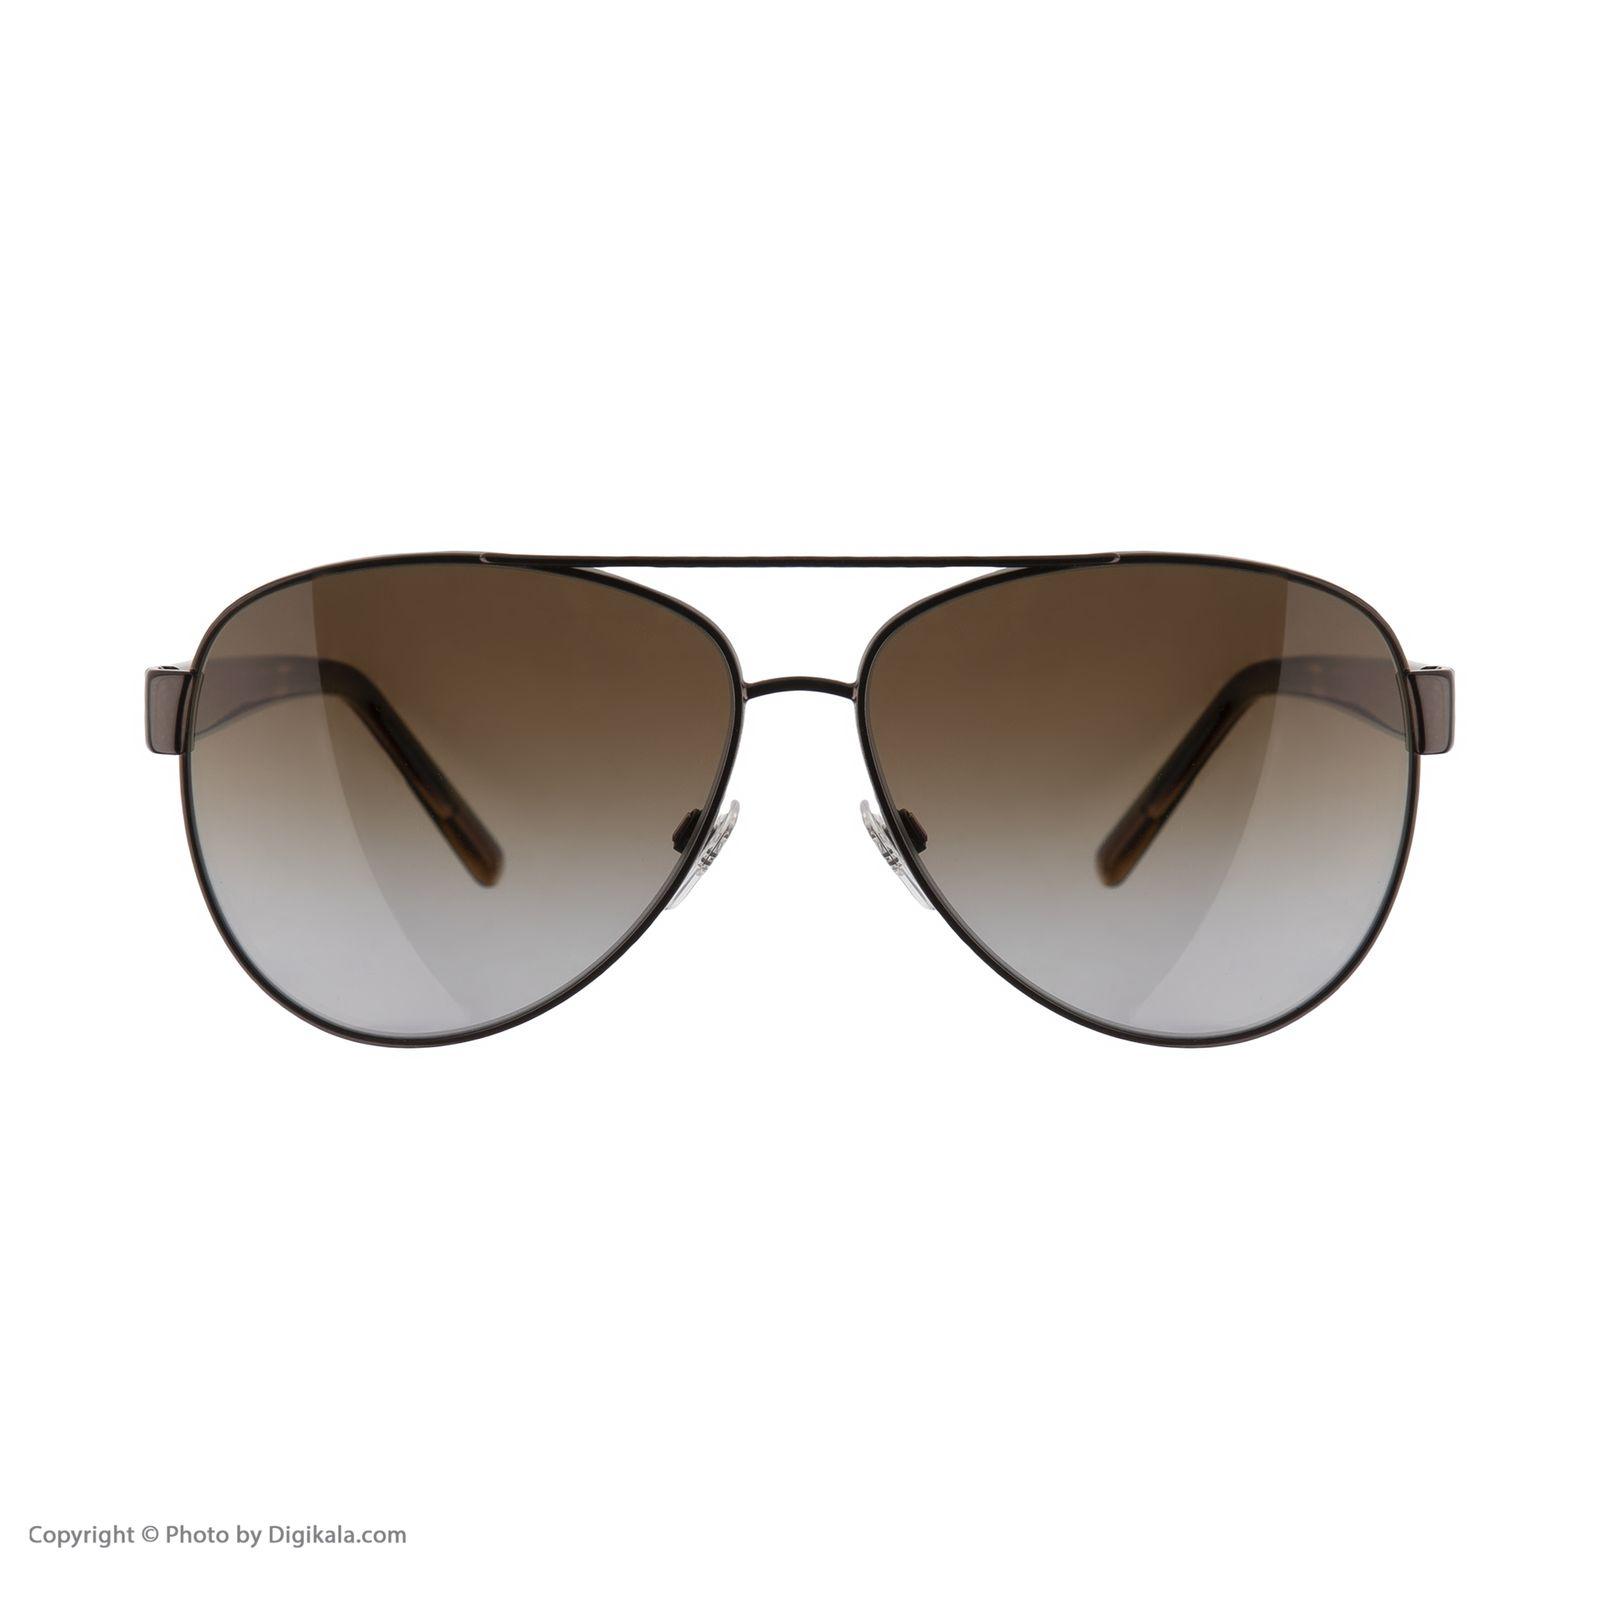 عینک آفتابی زنانه بربری مدل BE 3084S 1226T5 60   -  - 3